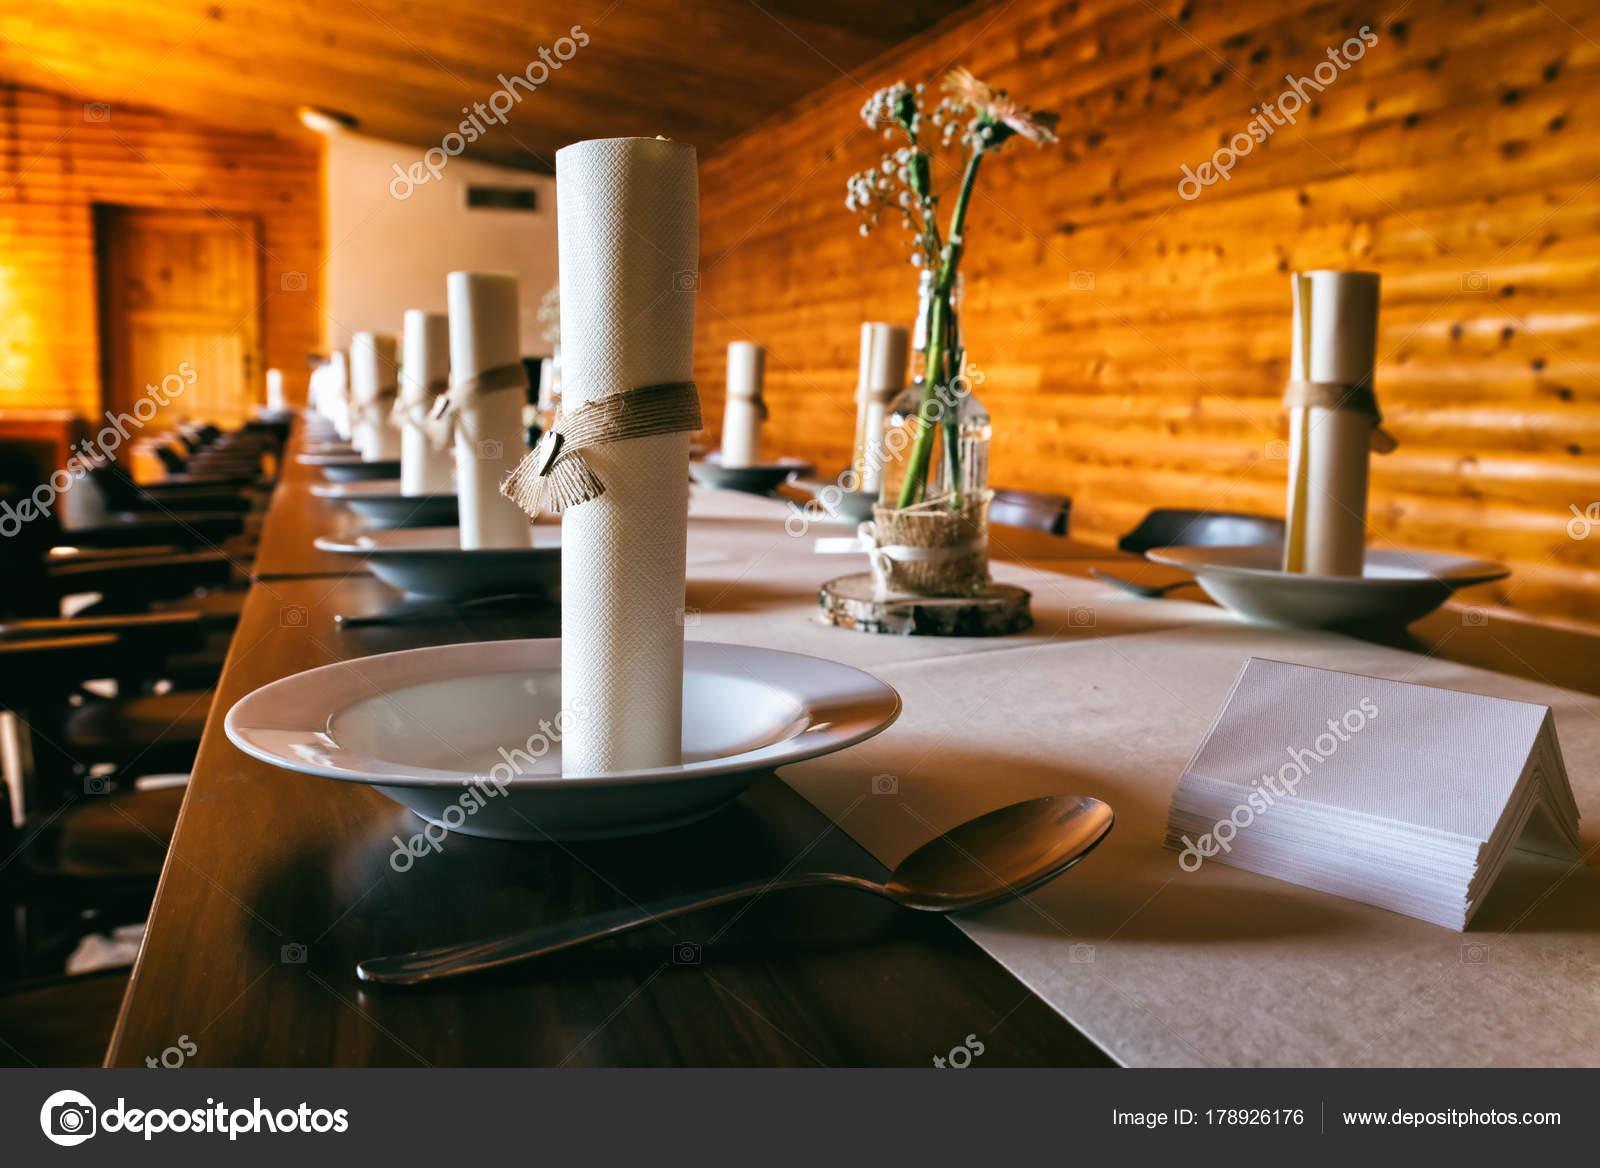 Mesa Comedor Con Decoración Boda Sobre Mesa Algunas Decoraciones ...